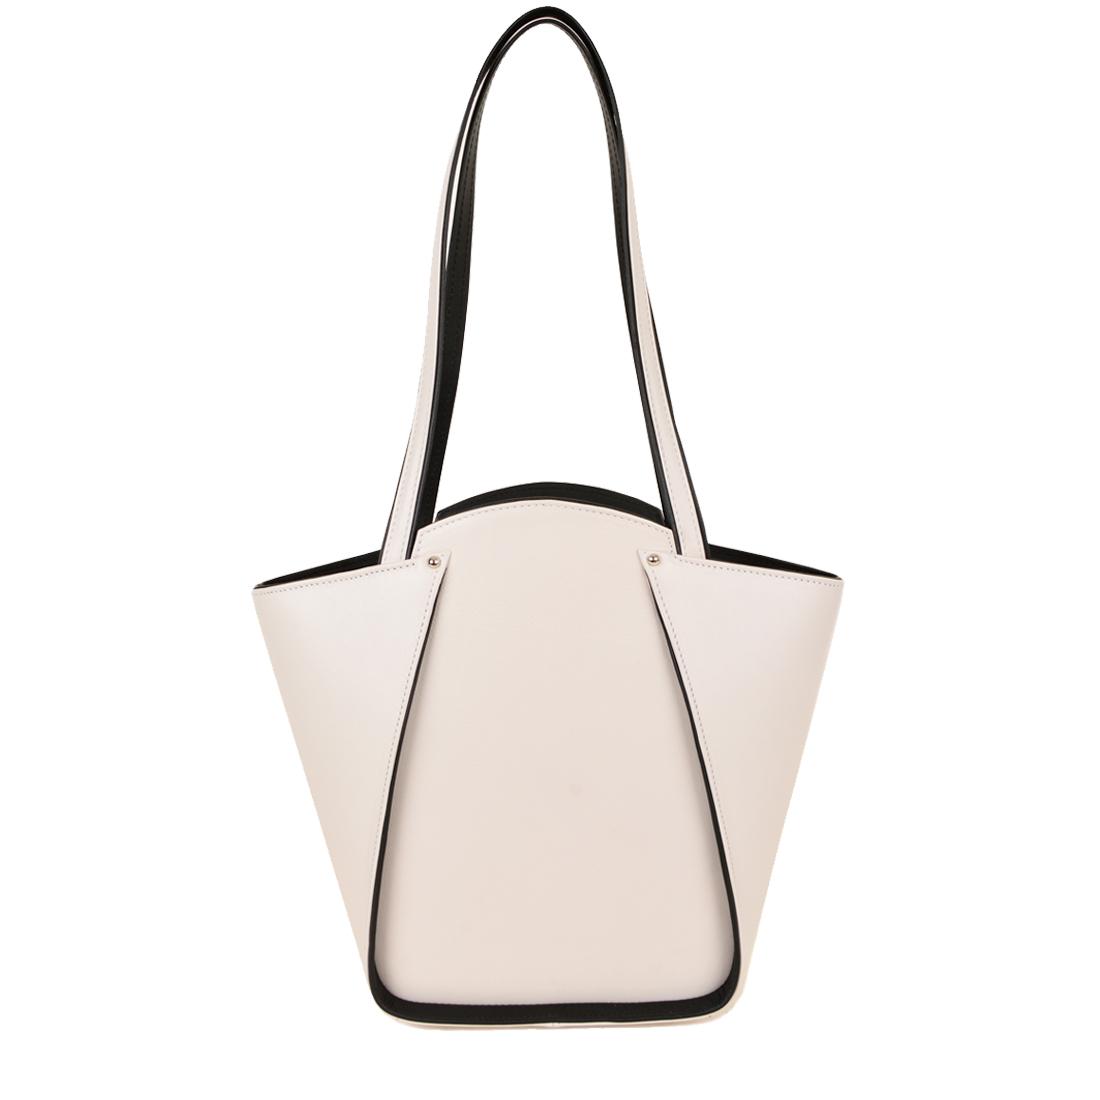 Greta Polvere Structured Leather Shoulder Bag